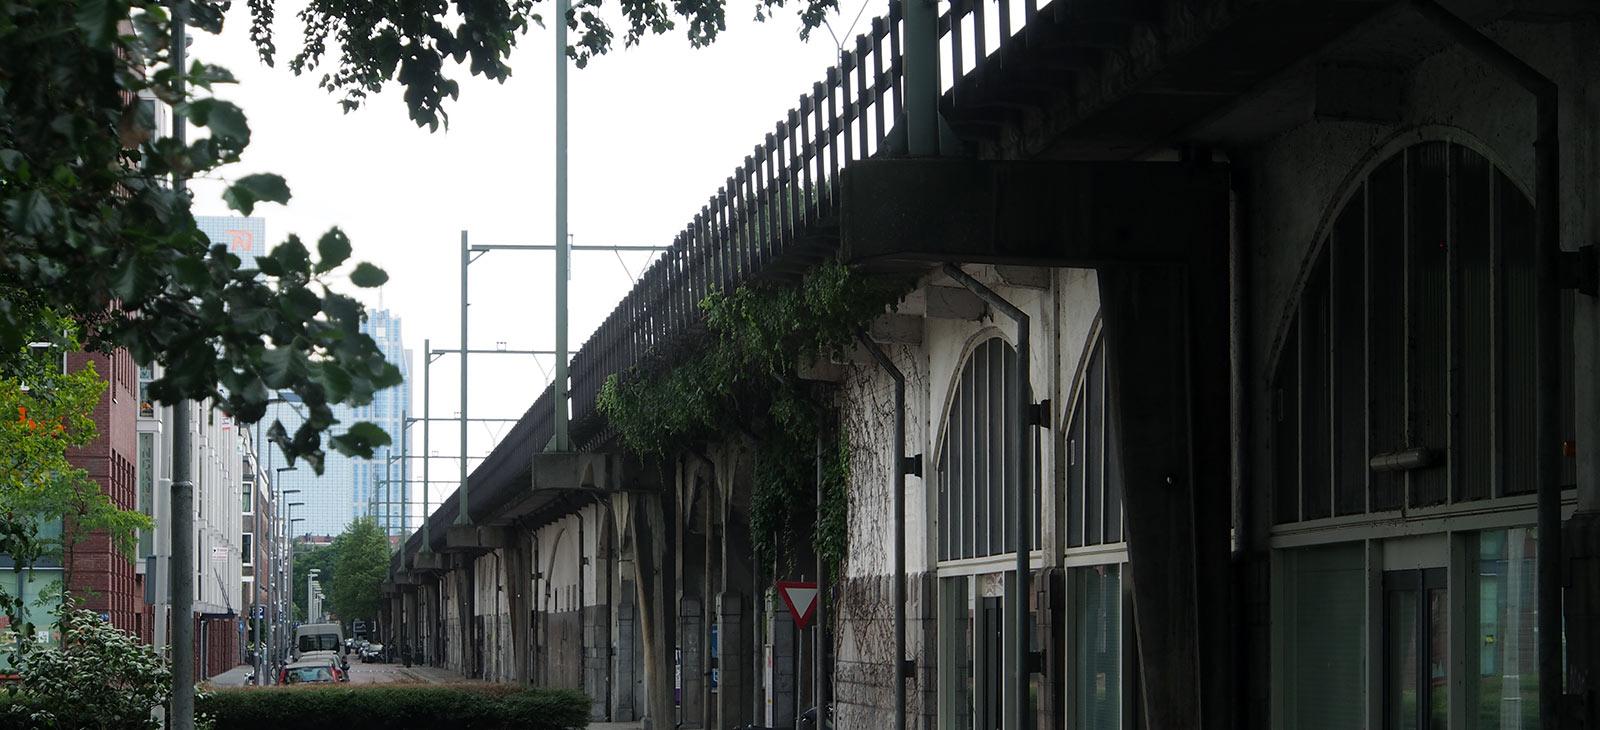 Het Hofpleinviaduct in Rotterdam. Foto: Arjan den Boer